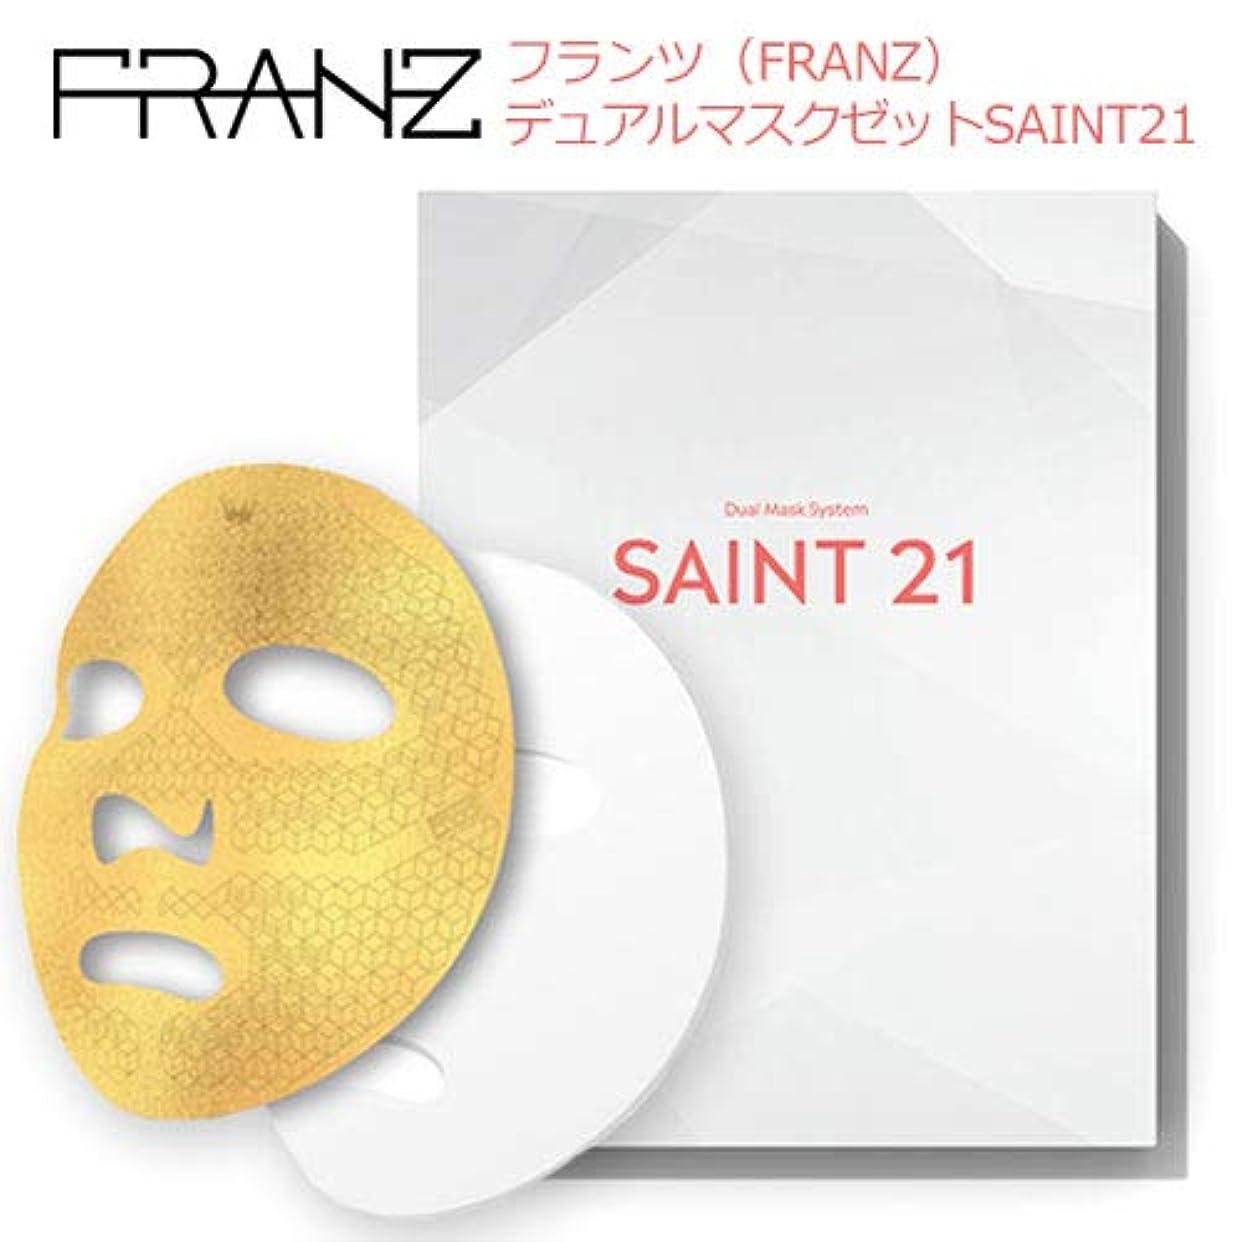 ファイル座る正直フランツ(FRANZ)SAINT21,デュアルゴールドマスク 1箱(2枚入) 微細電流マスク